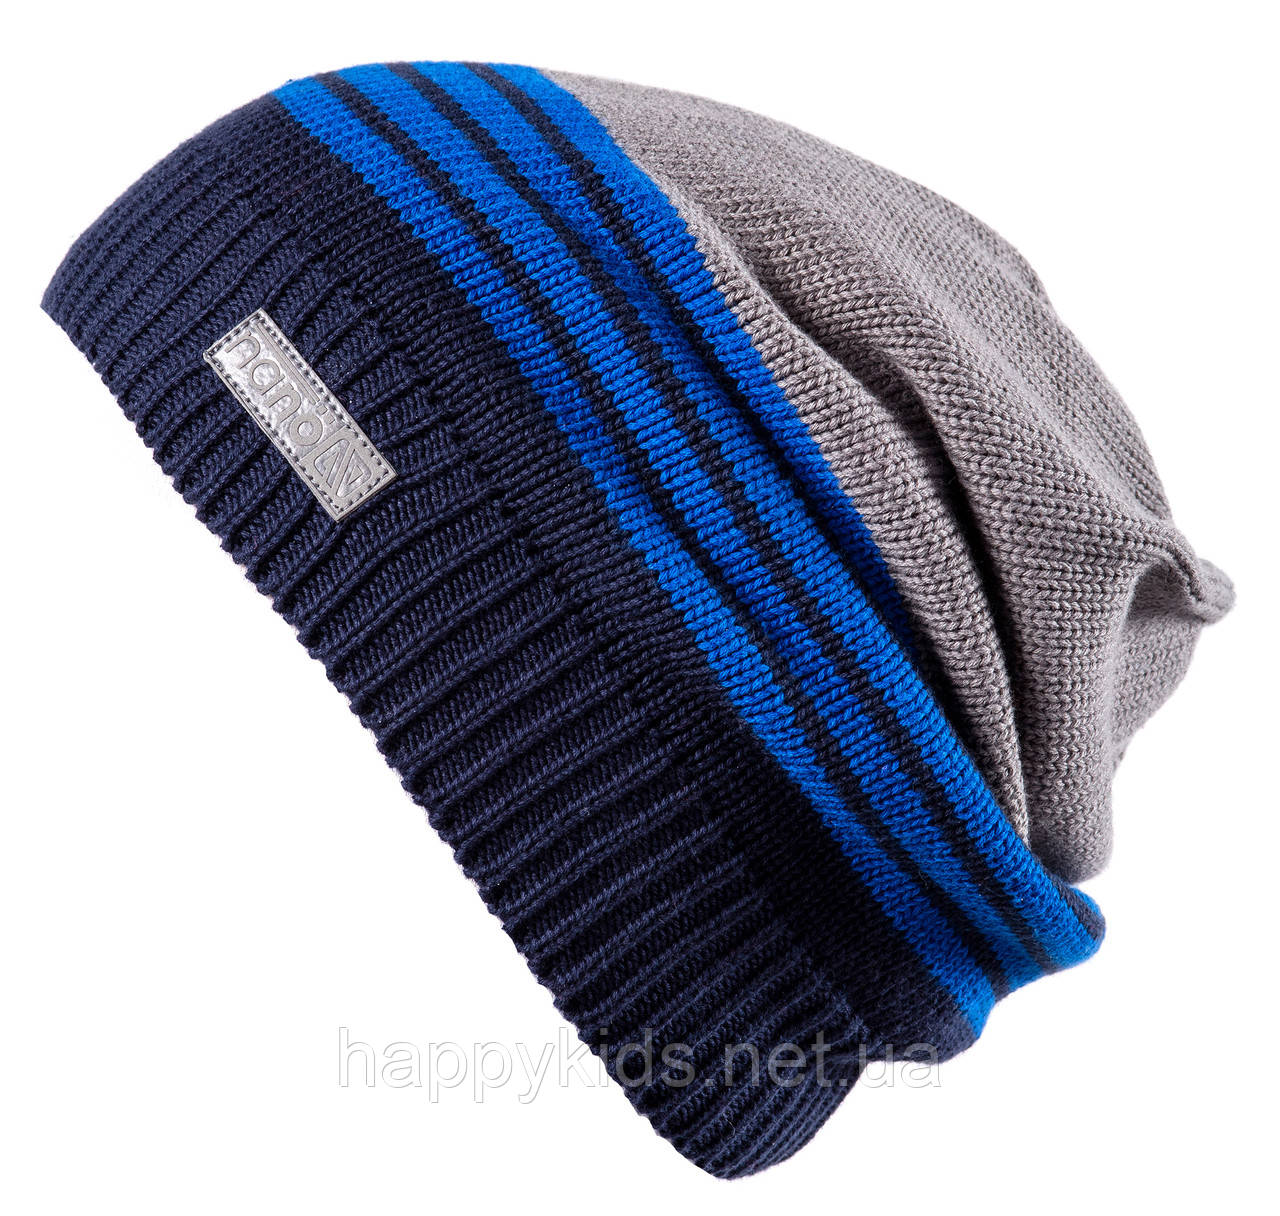 Демисезонная шапка для мальчика NANO 269 TUT S18 Navy. Размер 12/24-7/12.